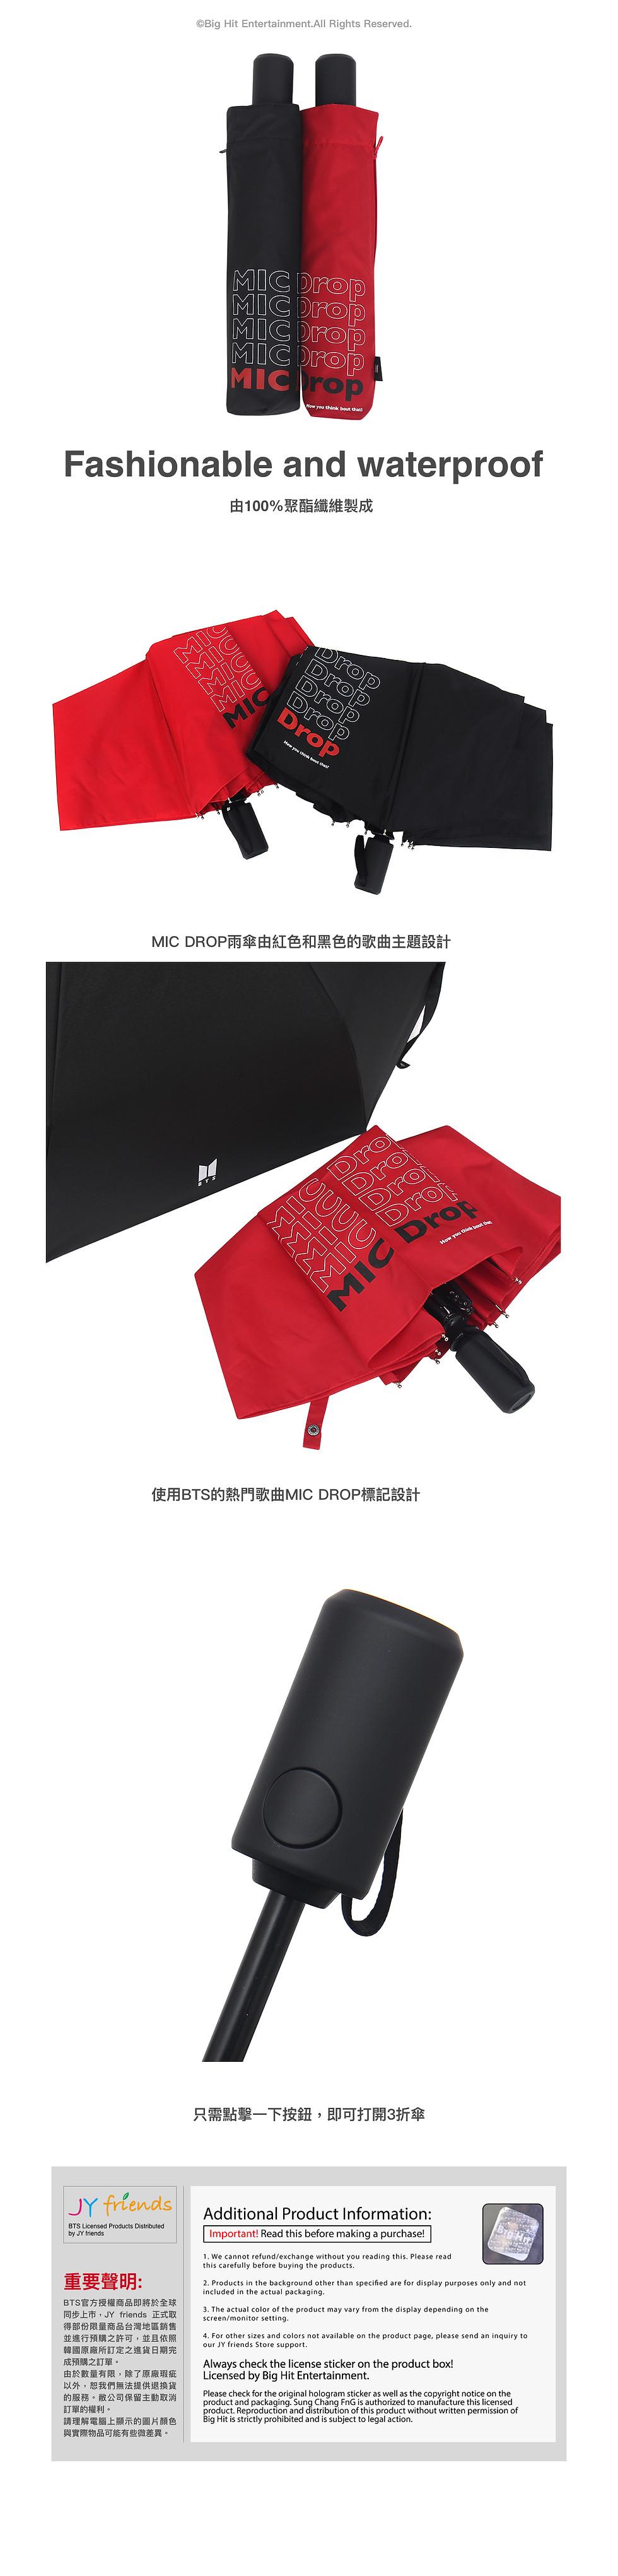 MIC DROP umbrella.jpg